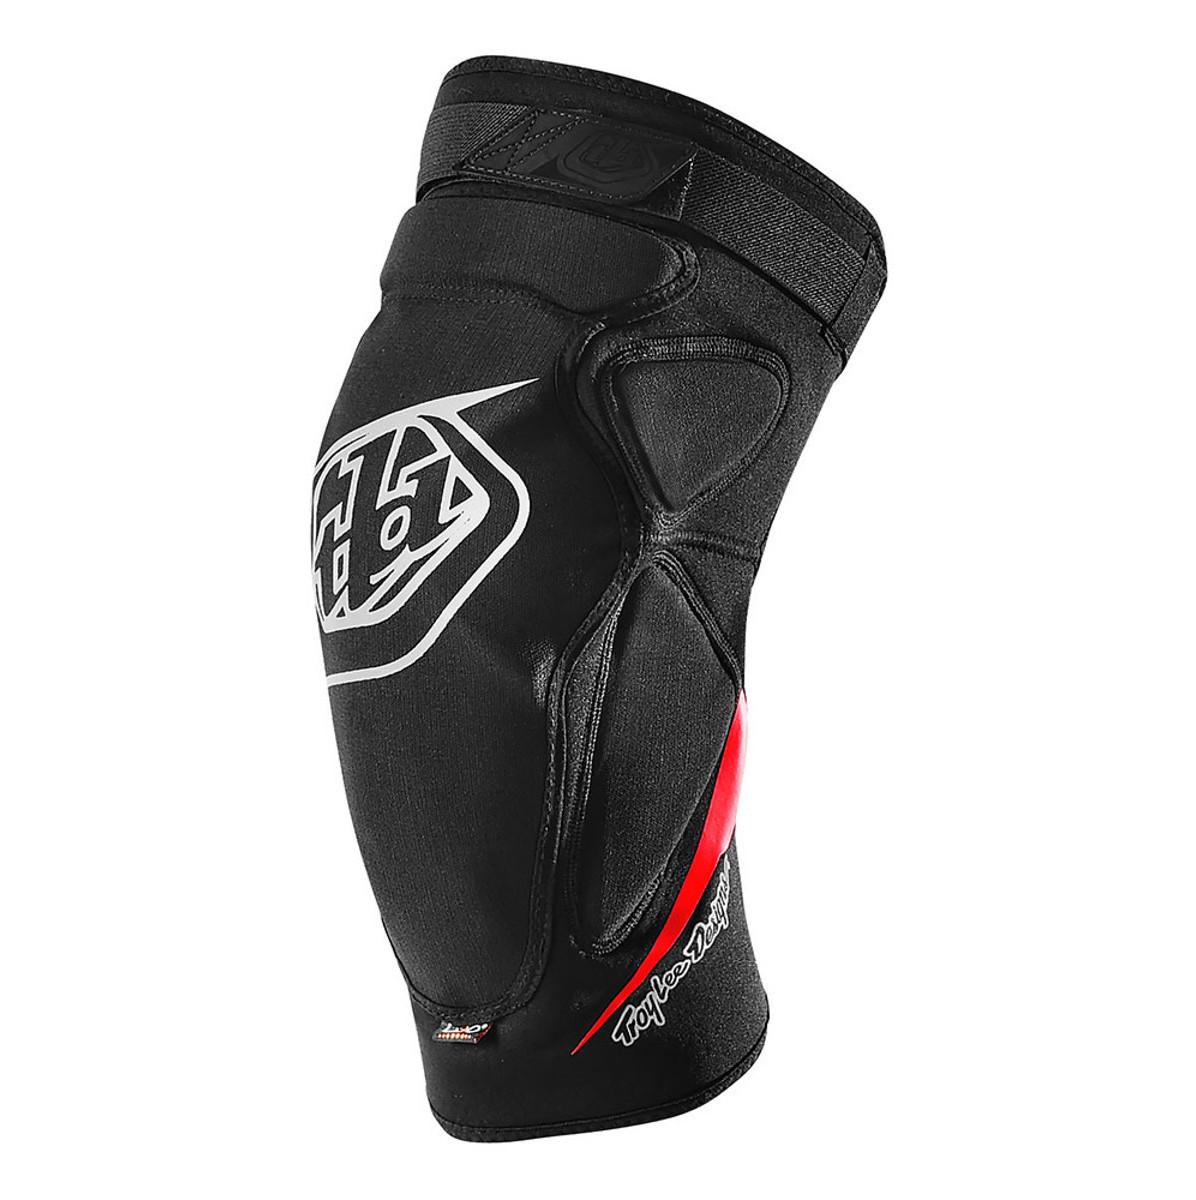 Вело наколенники TLD Raid Knee Guard [Black] размер MD/LG